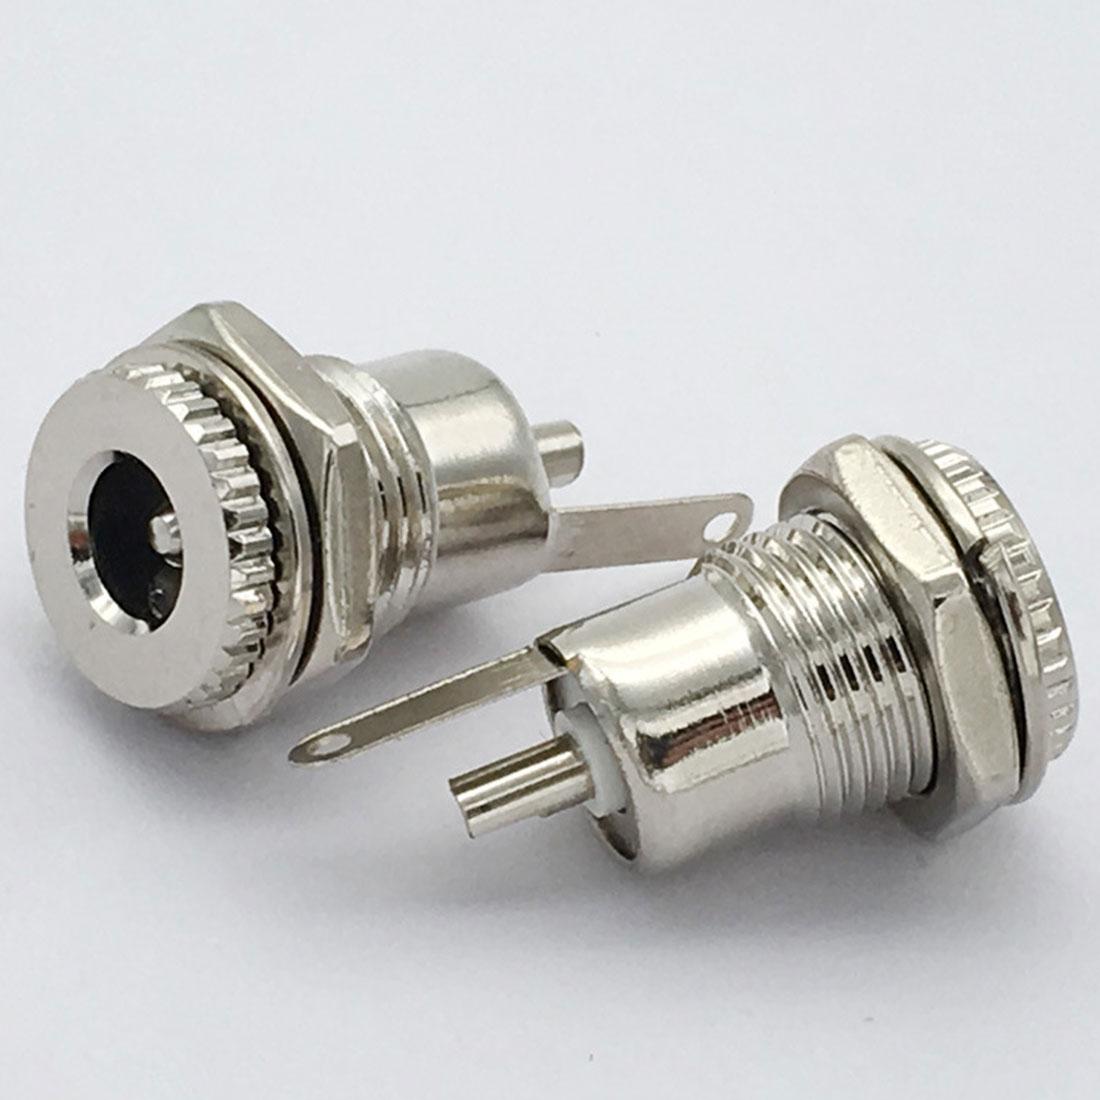 5,5mm x 2,1mm DC099 DC Netzteil Jack Buchse Weiblich Panel Mount Stecker Geeignet für 2,1/5,5mm DC Power Stecker